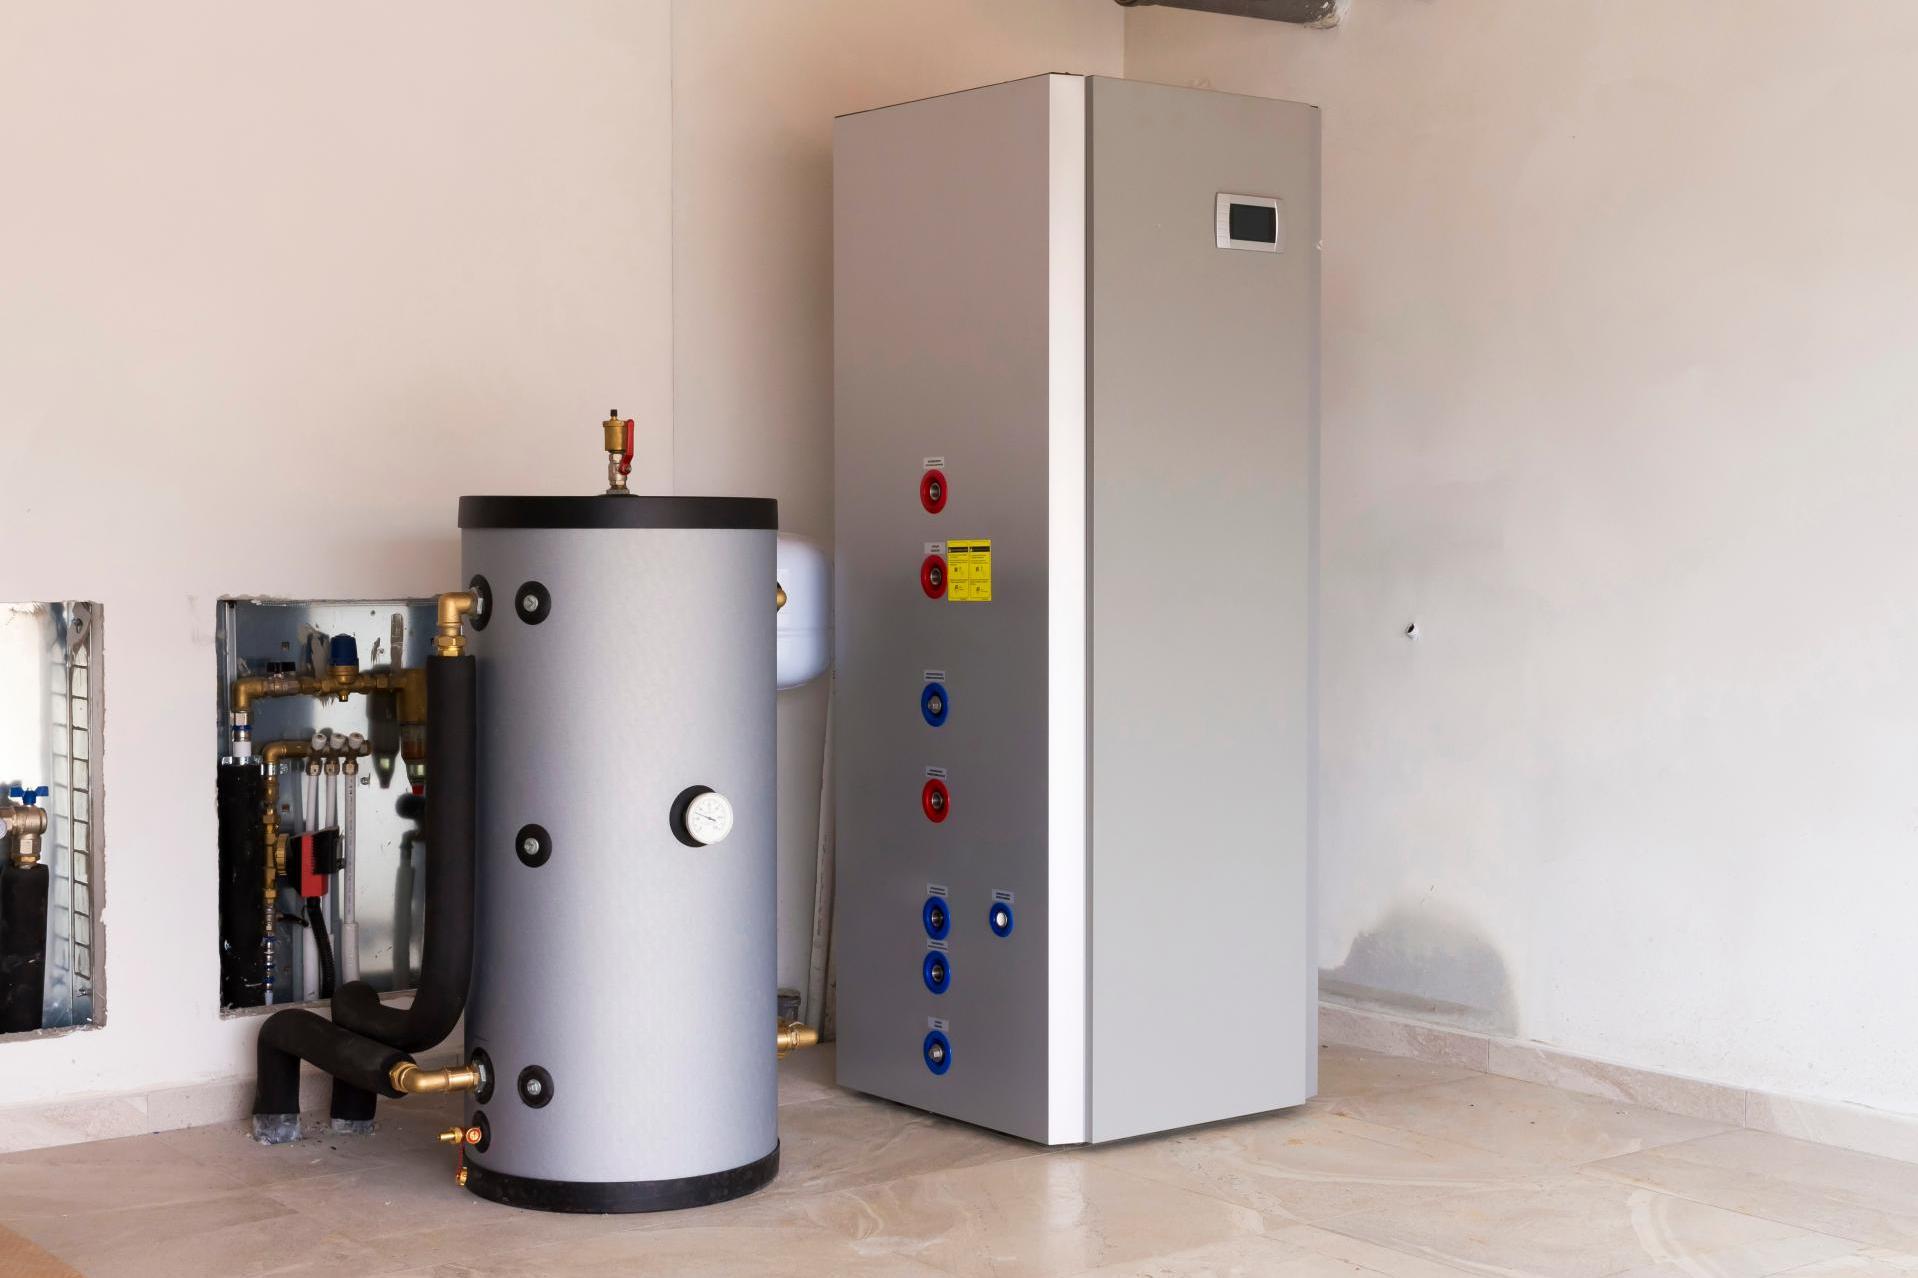 Las mejores marcas de aerotermia en la tienda especializada en sistemas de climatización: Clima y Aerotermia